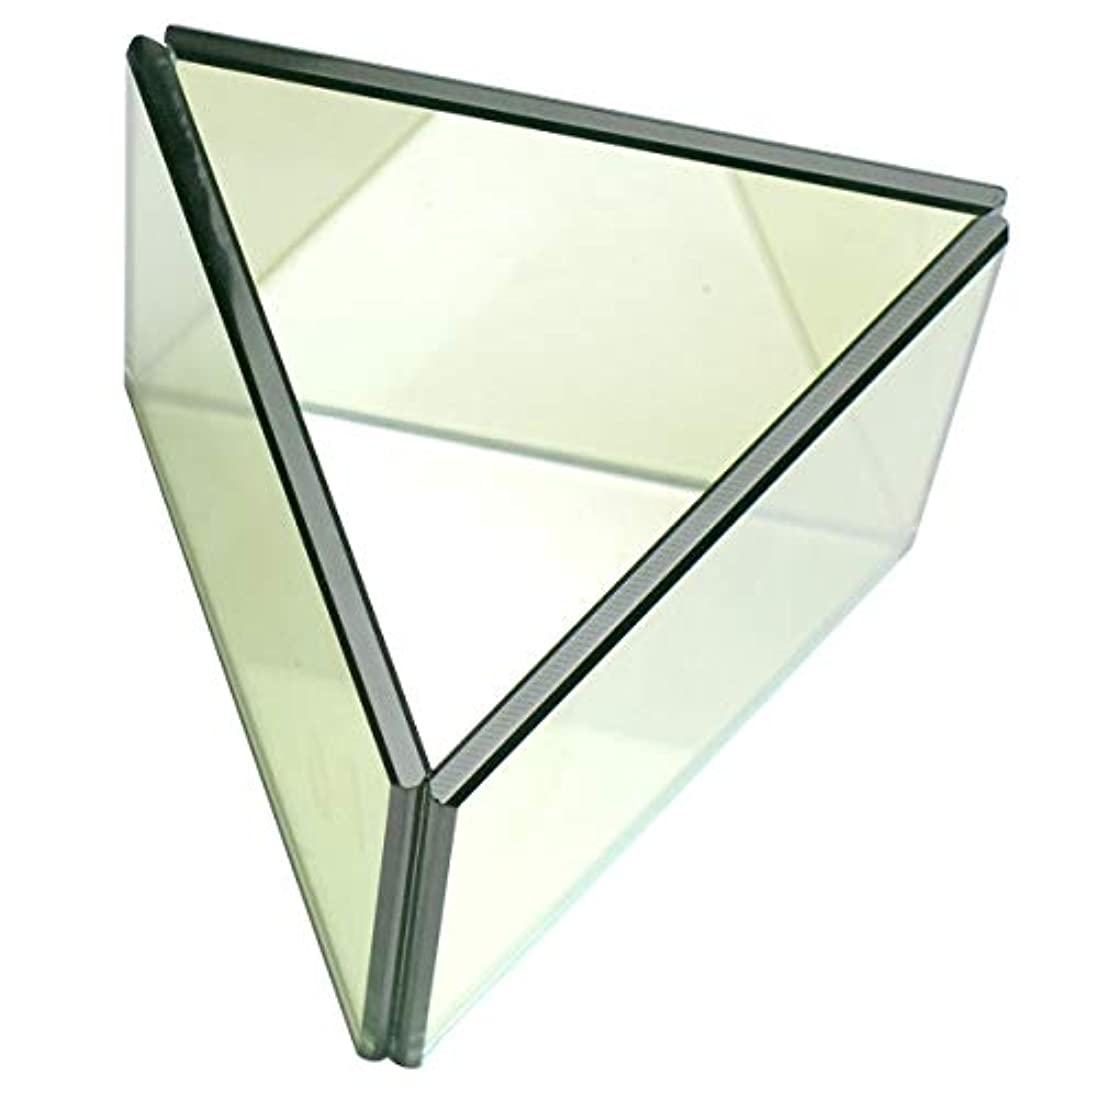 エスカレートダースから無限連鎖キャンドルホルダー トライアングル ガラス キャンドルスタンド ランタン 誕生日 ティーライトキャンドル